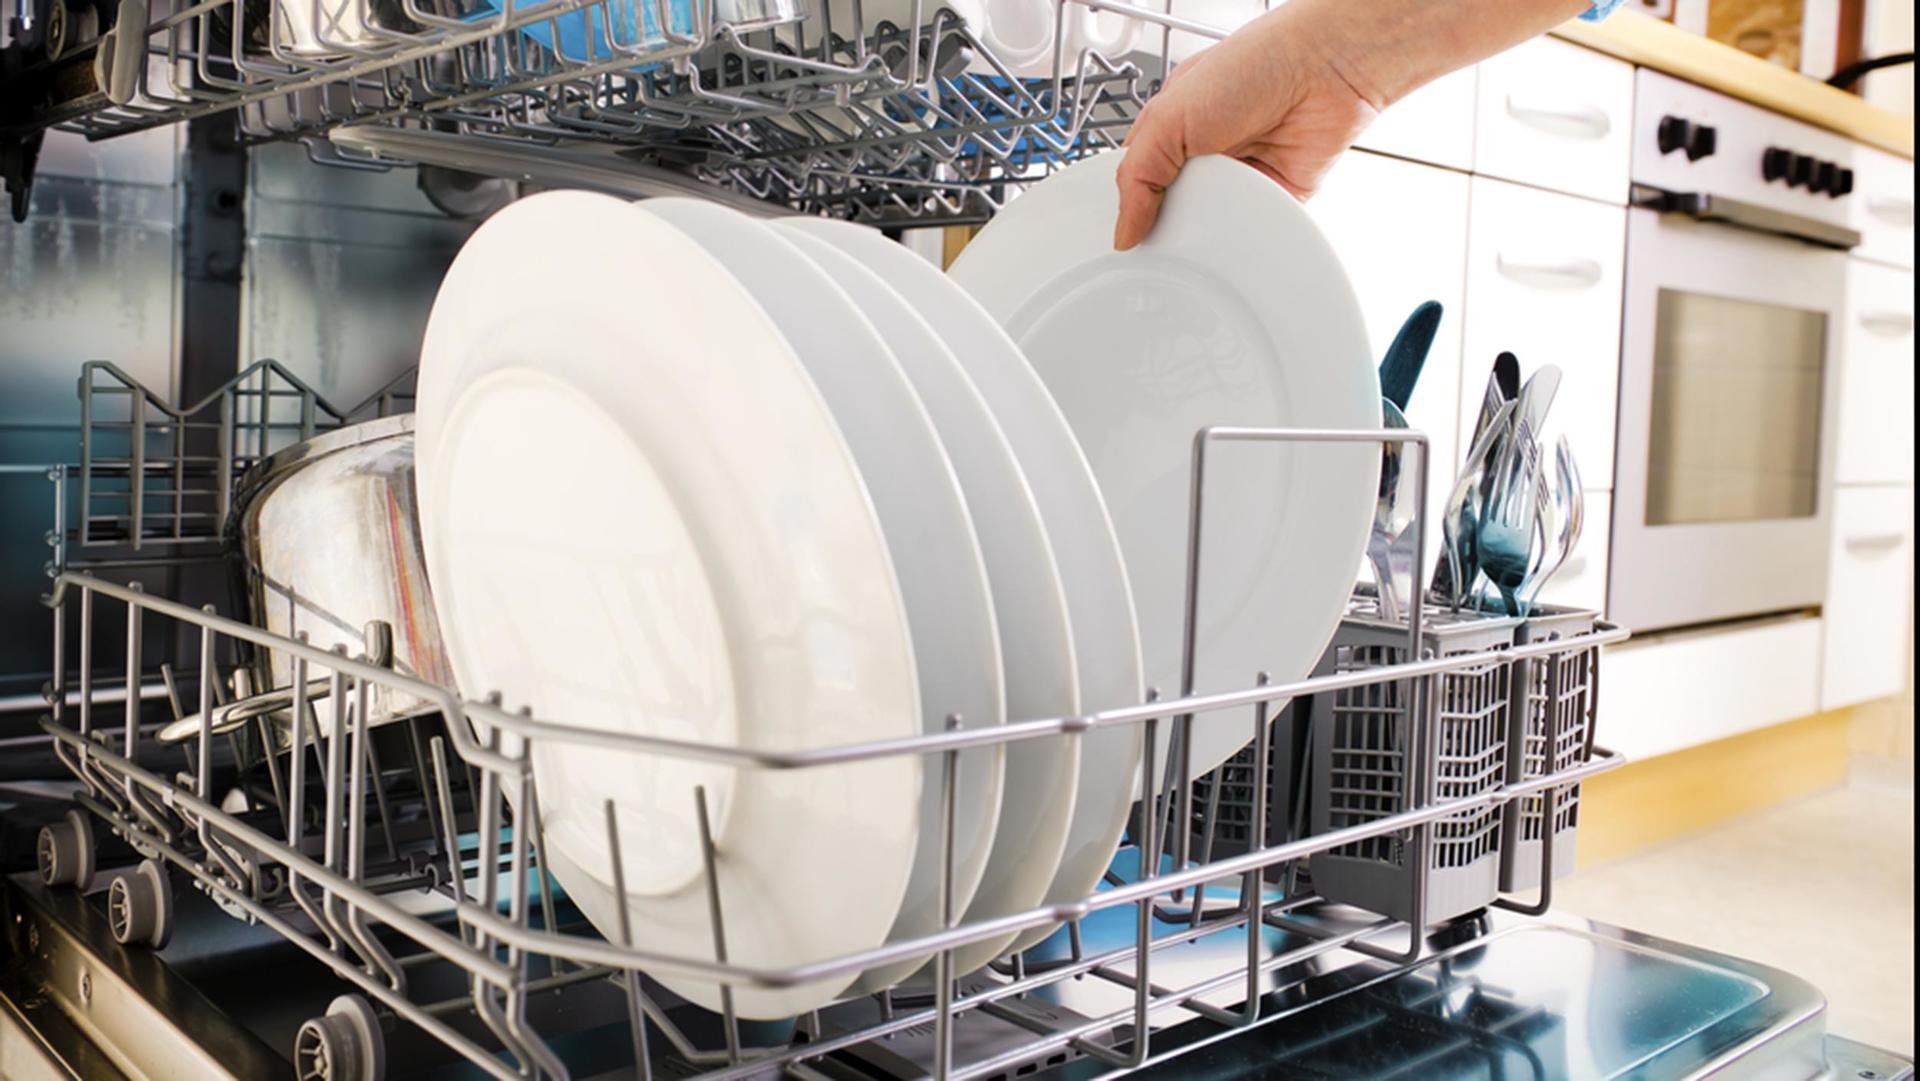 Пудра для мозга или как сделать порошок для посудомойки в 9,7 раз дешевле - 1